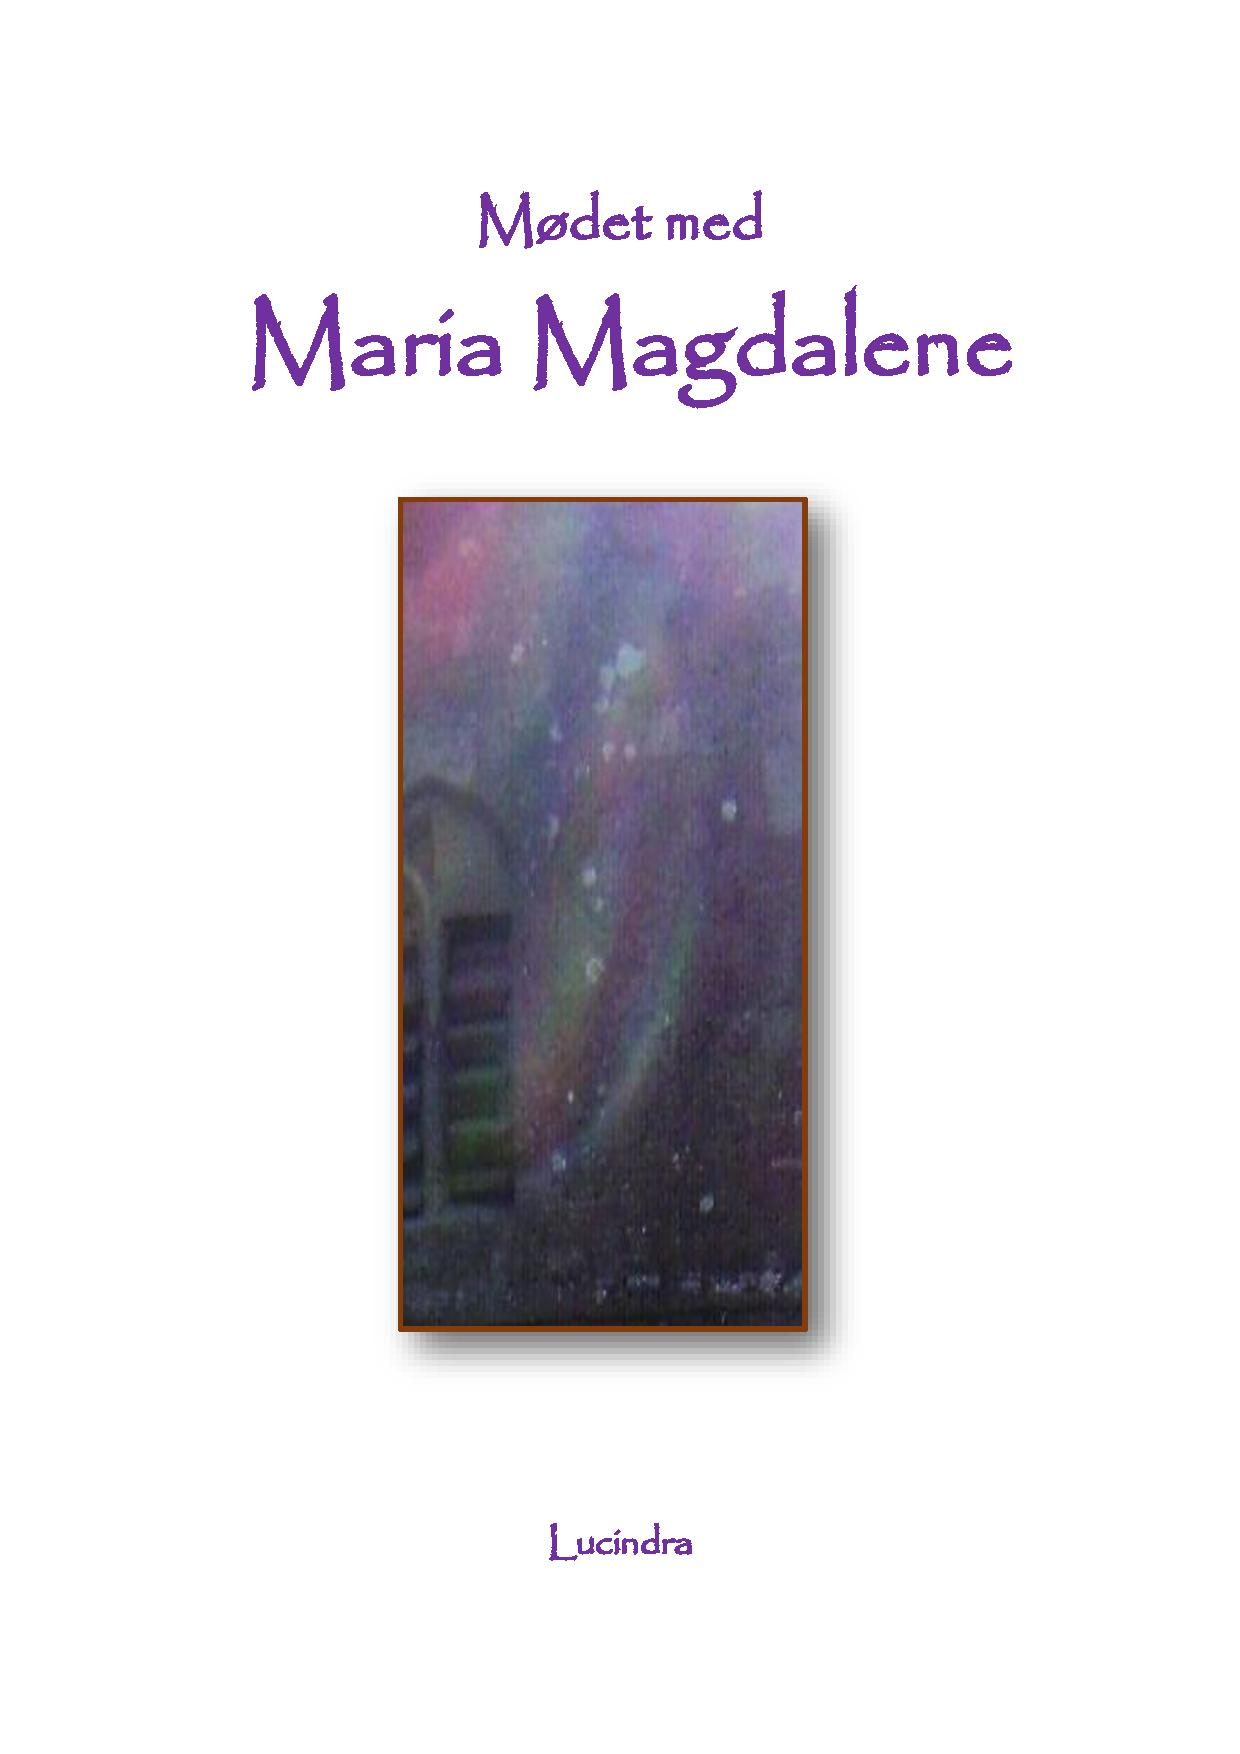 Mødet med Maria Magdalene - E-bog